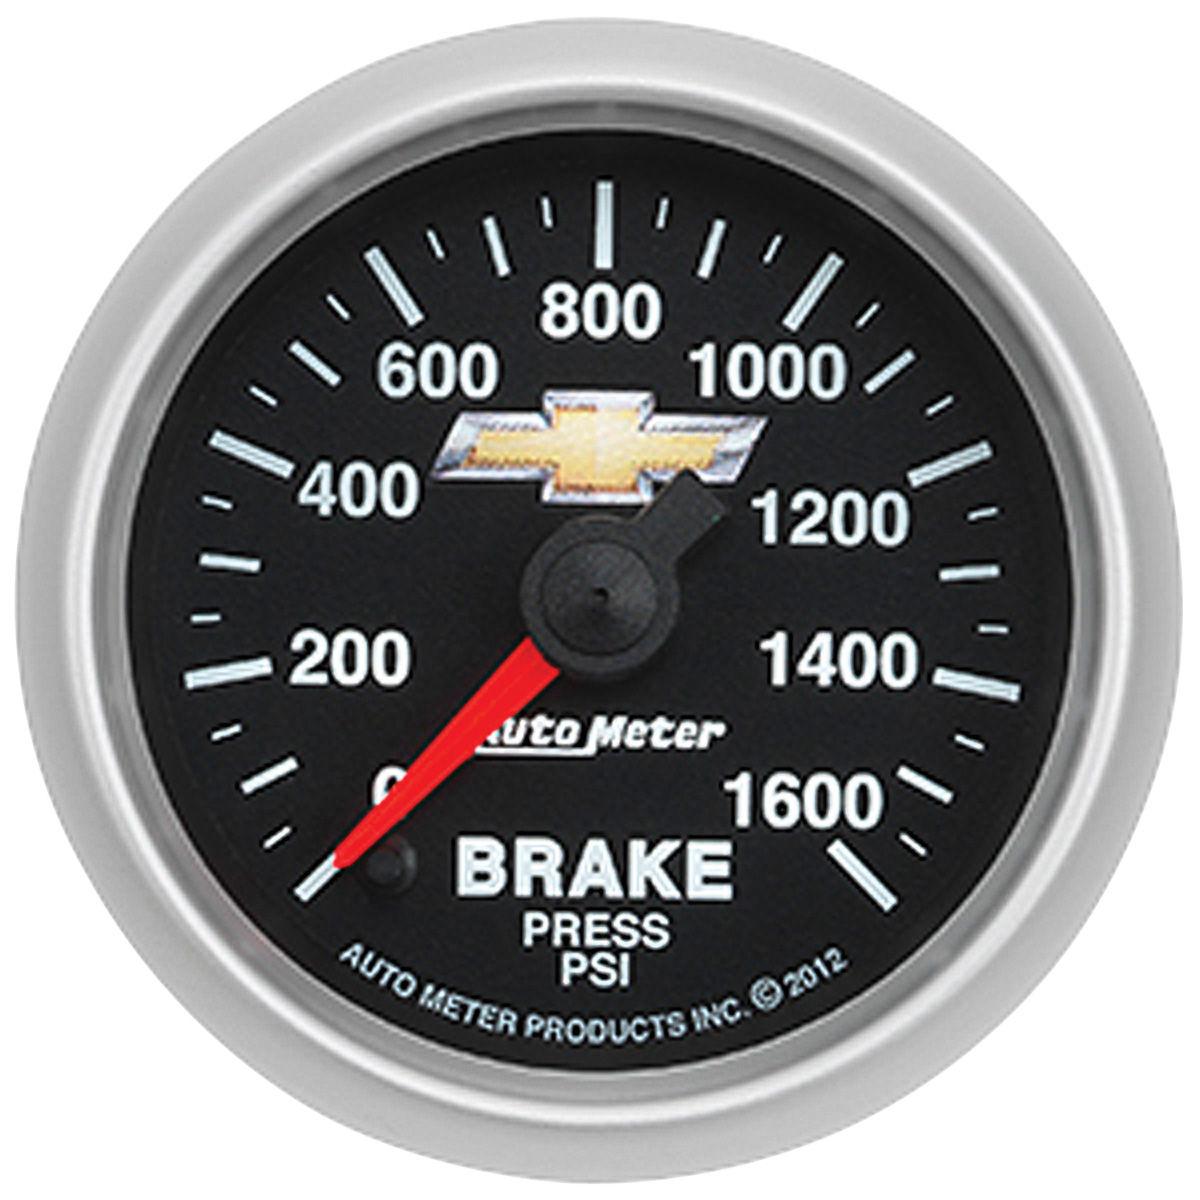 """Photo of El Camino Gauge, COPO Bowtie 2-1/16"""" brake pressure, 0-1600 PSI"""